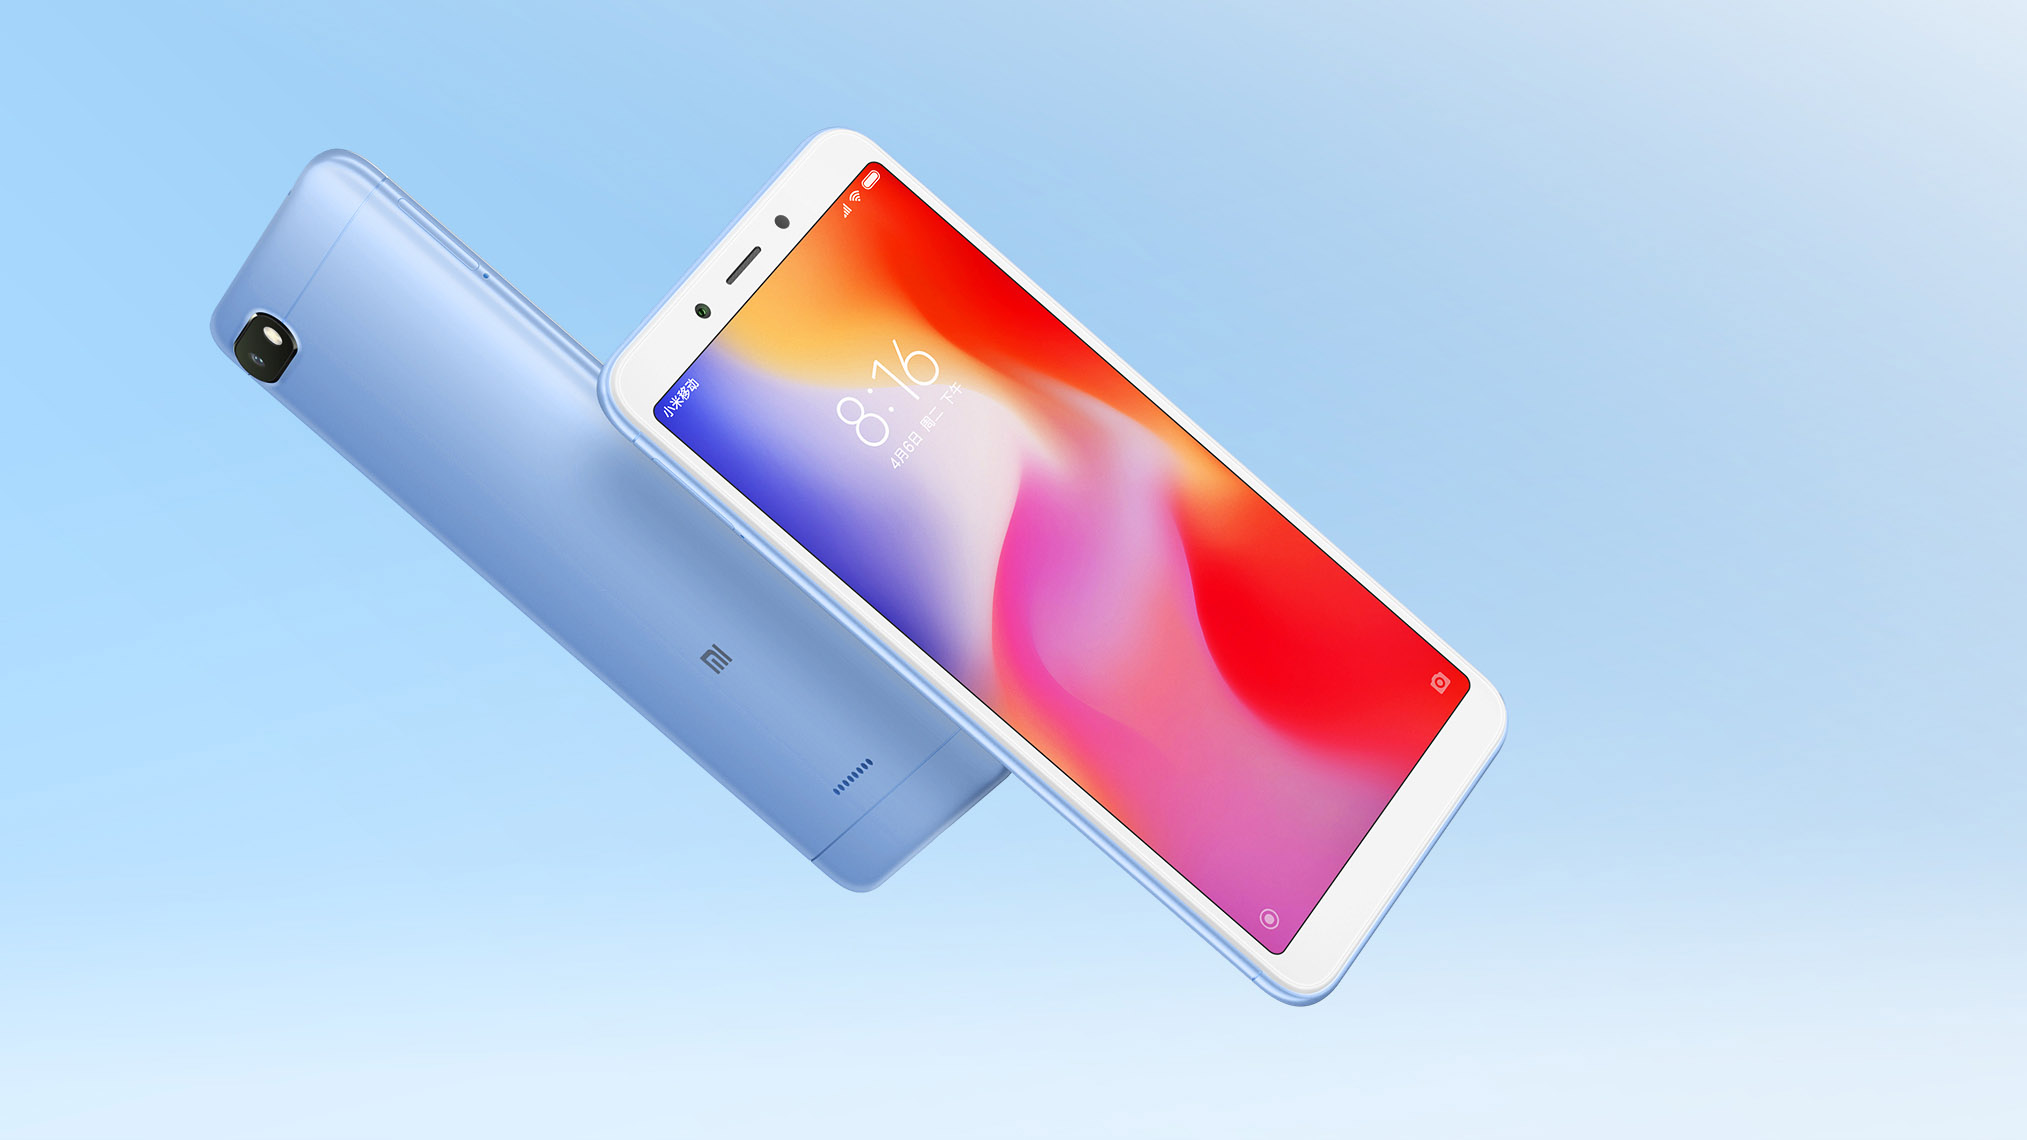 Xiaomi ra mắt Redmi 6 và Redmi 6A: Camera kép, mà hình 18:9, giá từ 2.1 triệu hình 4